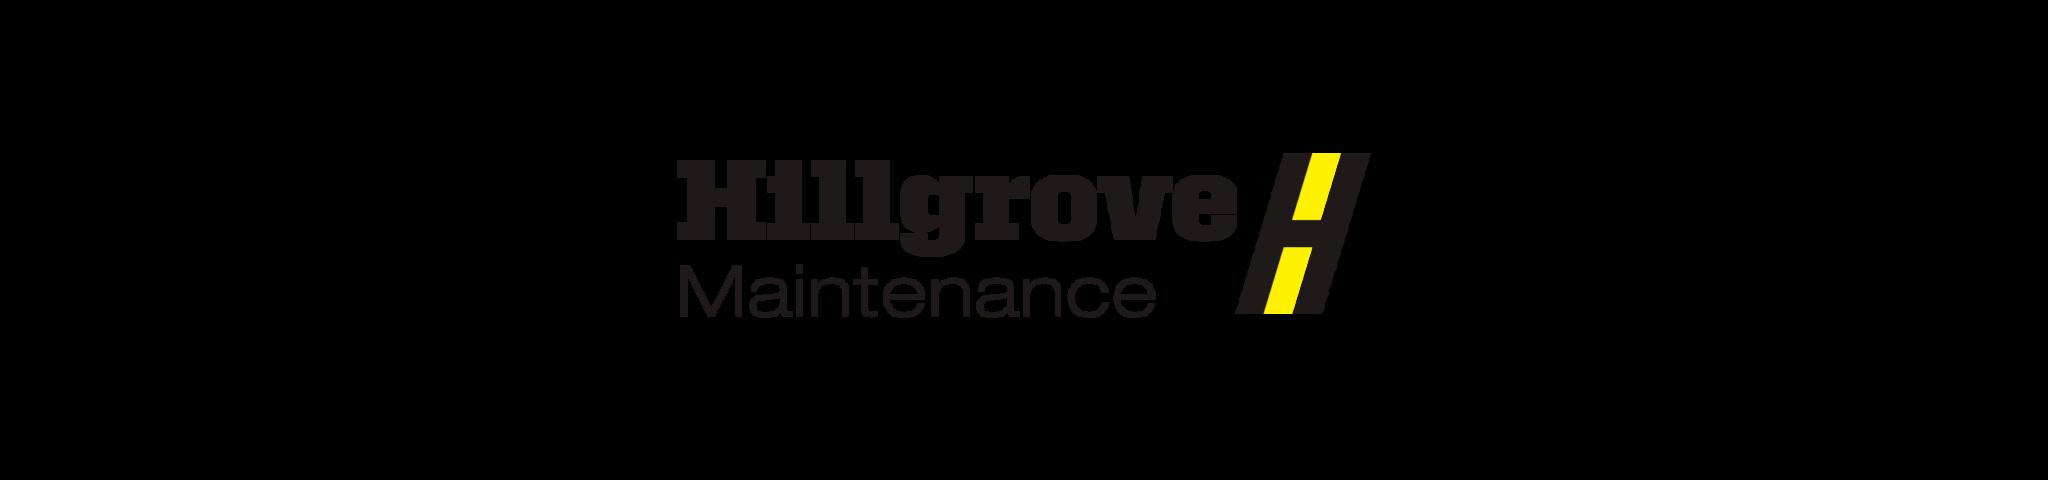 Hillgrove Maintenance Logo